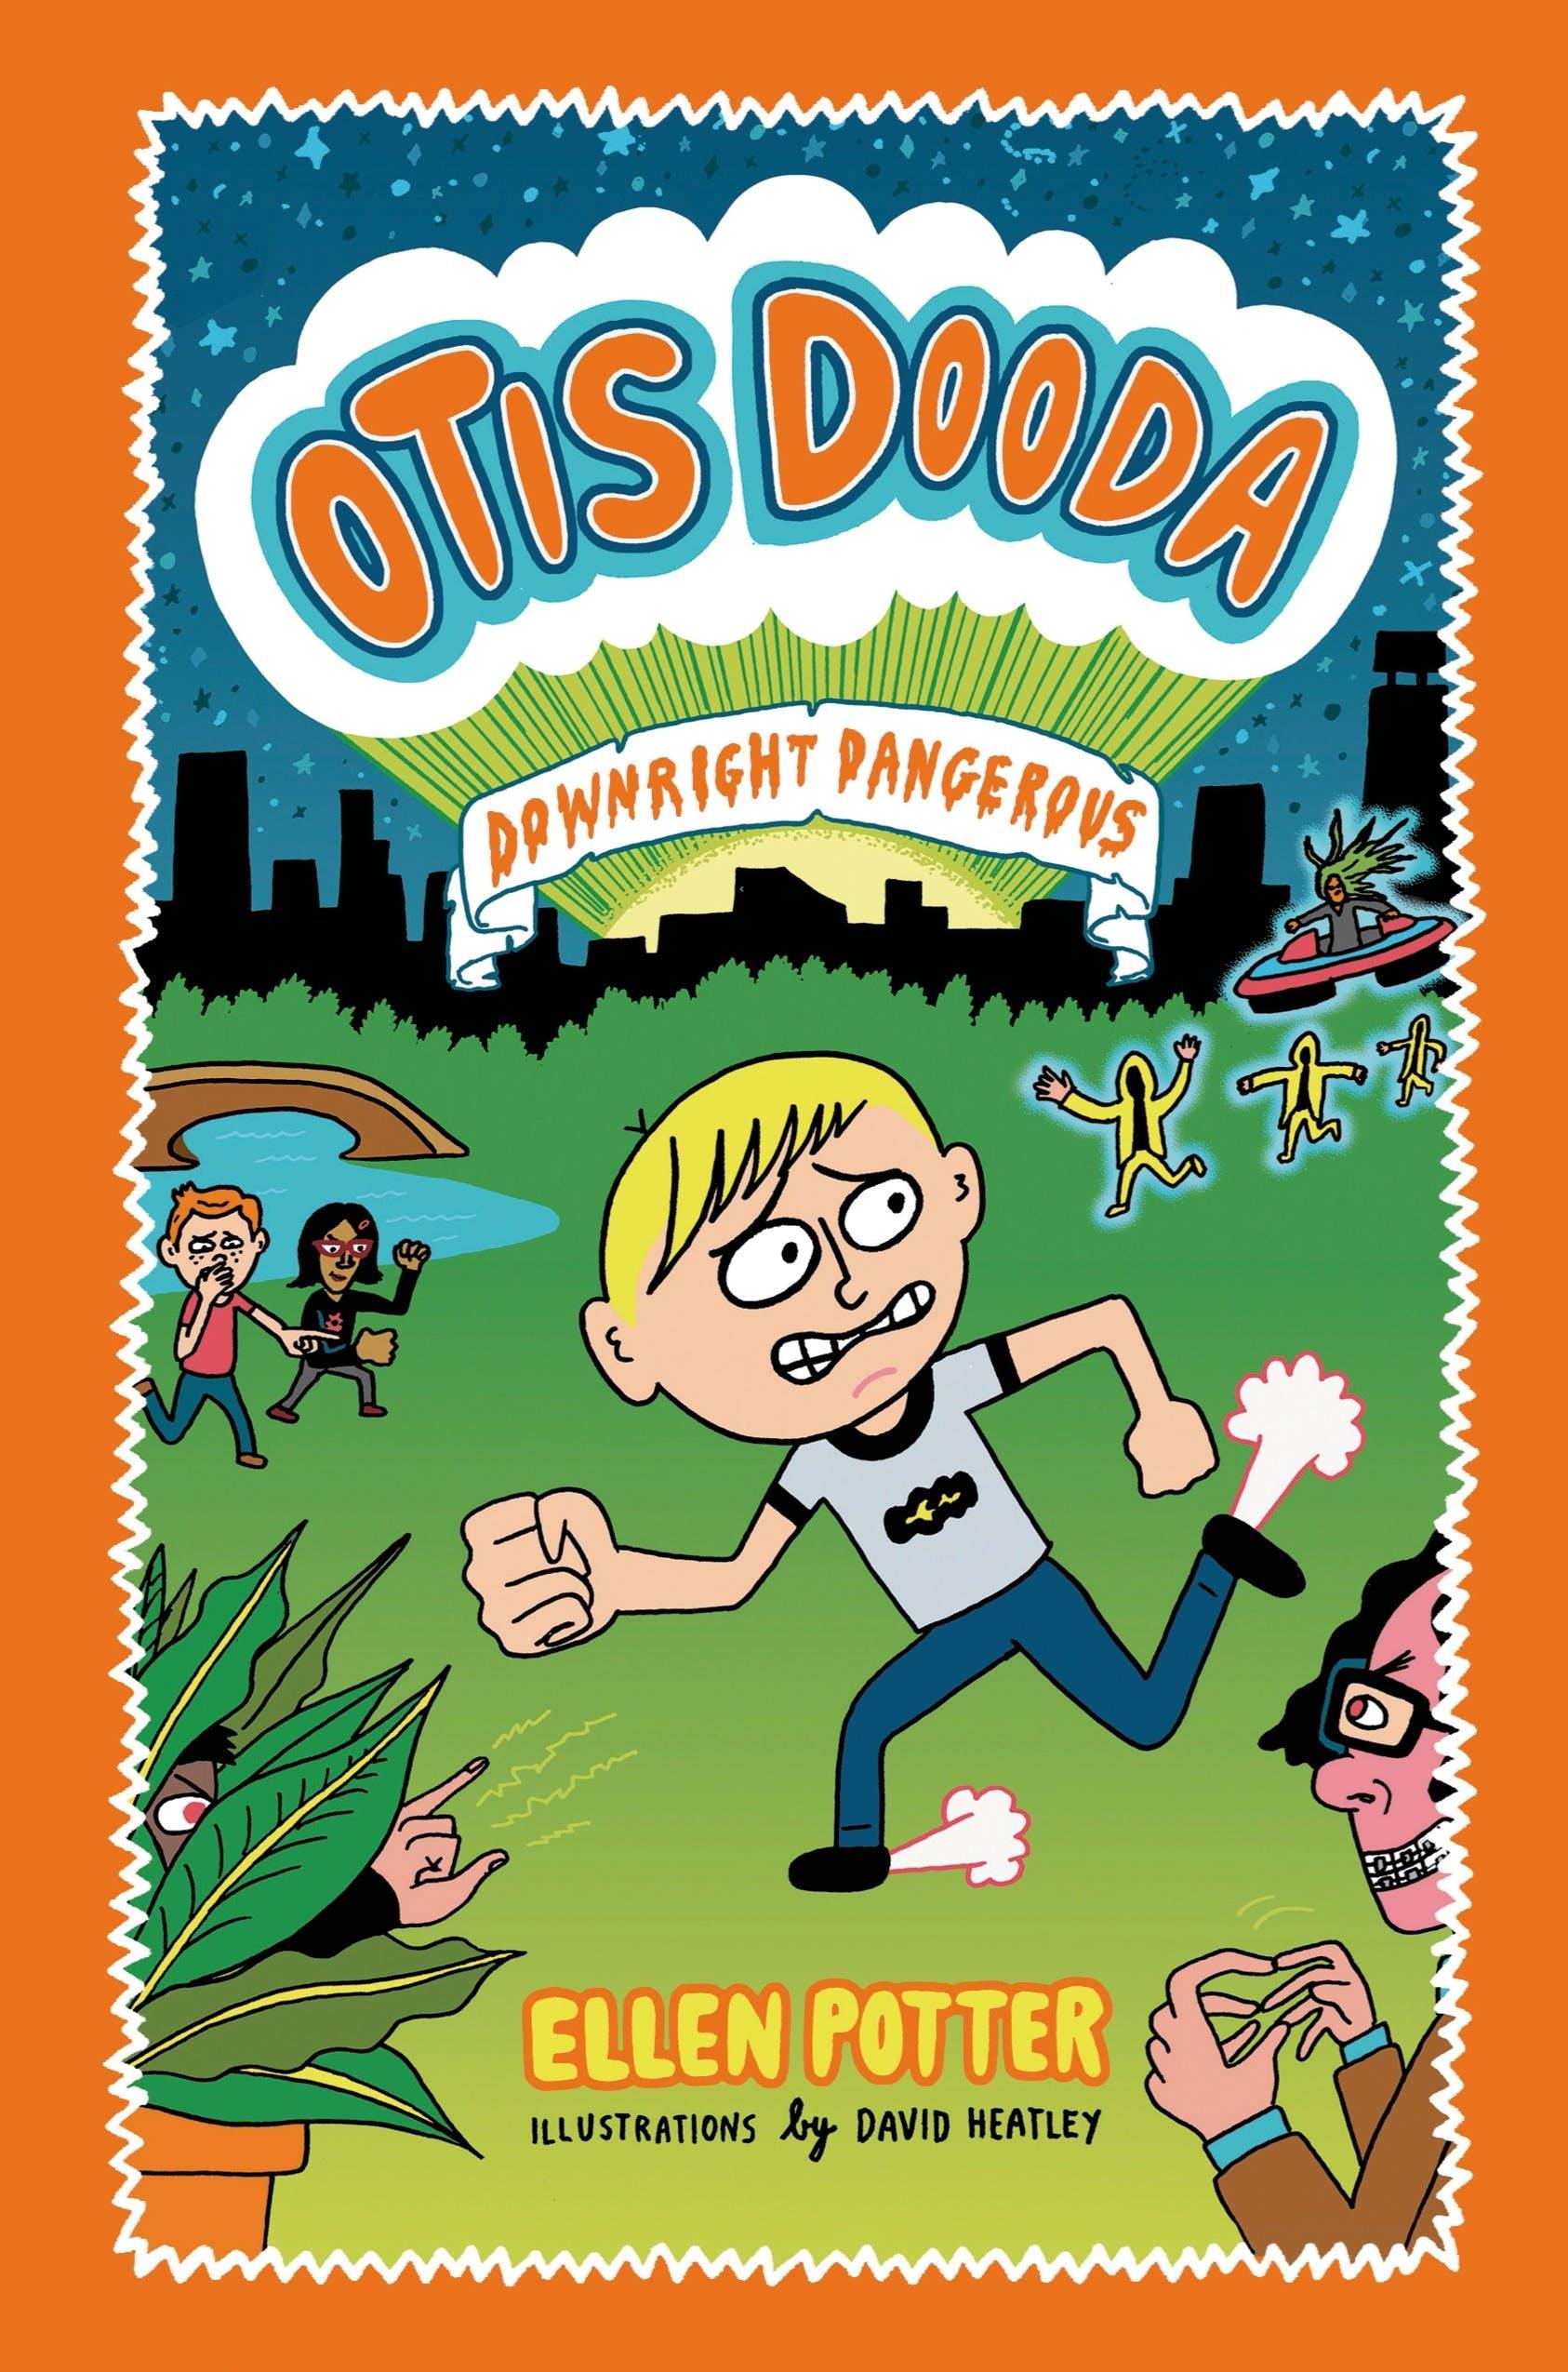 Image of Otis Dooda: Downright Dangerous